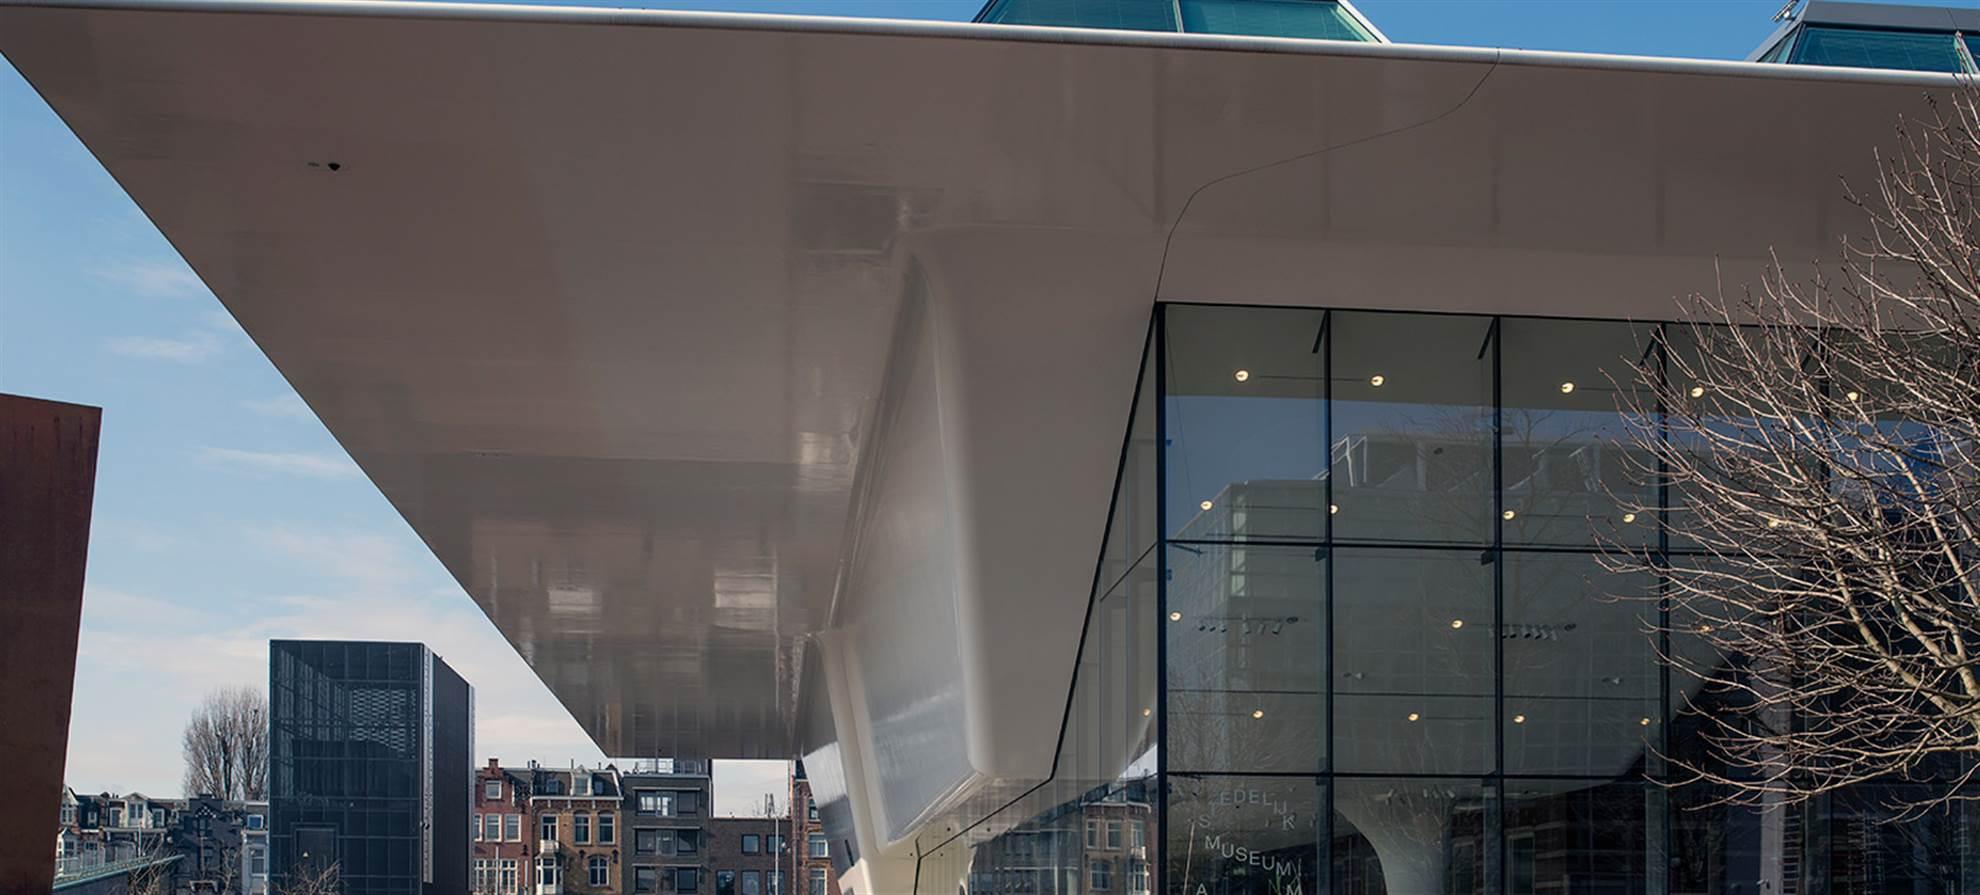 市立博物馆